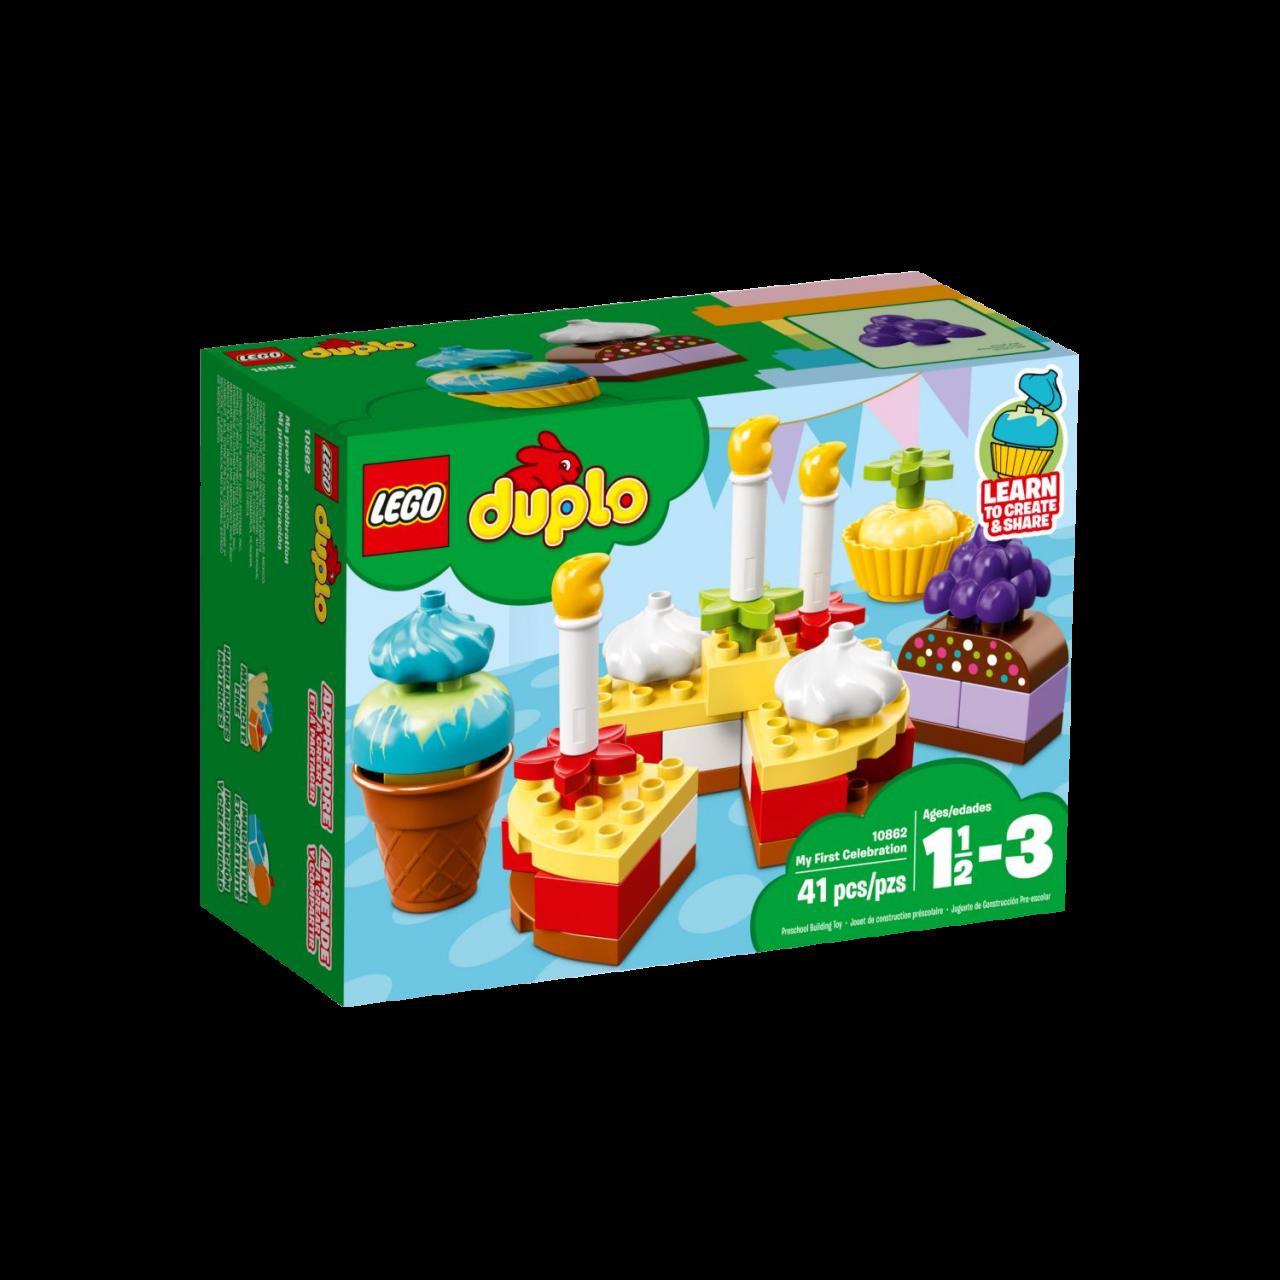 LEGO DUPLO 10862 Meine erste Geburtstagsfeier